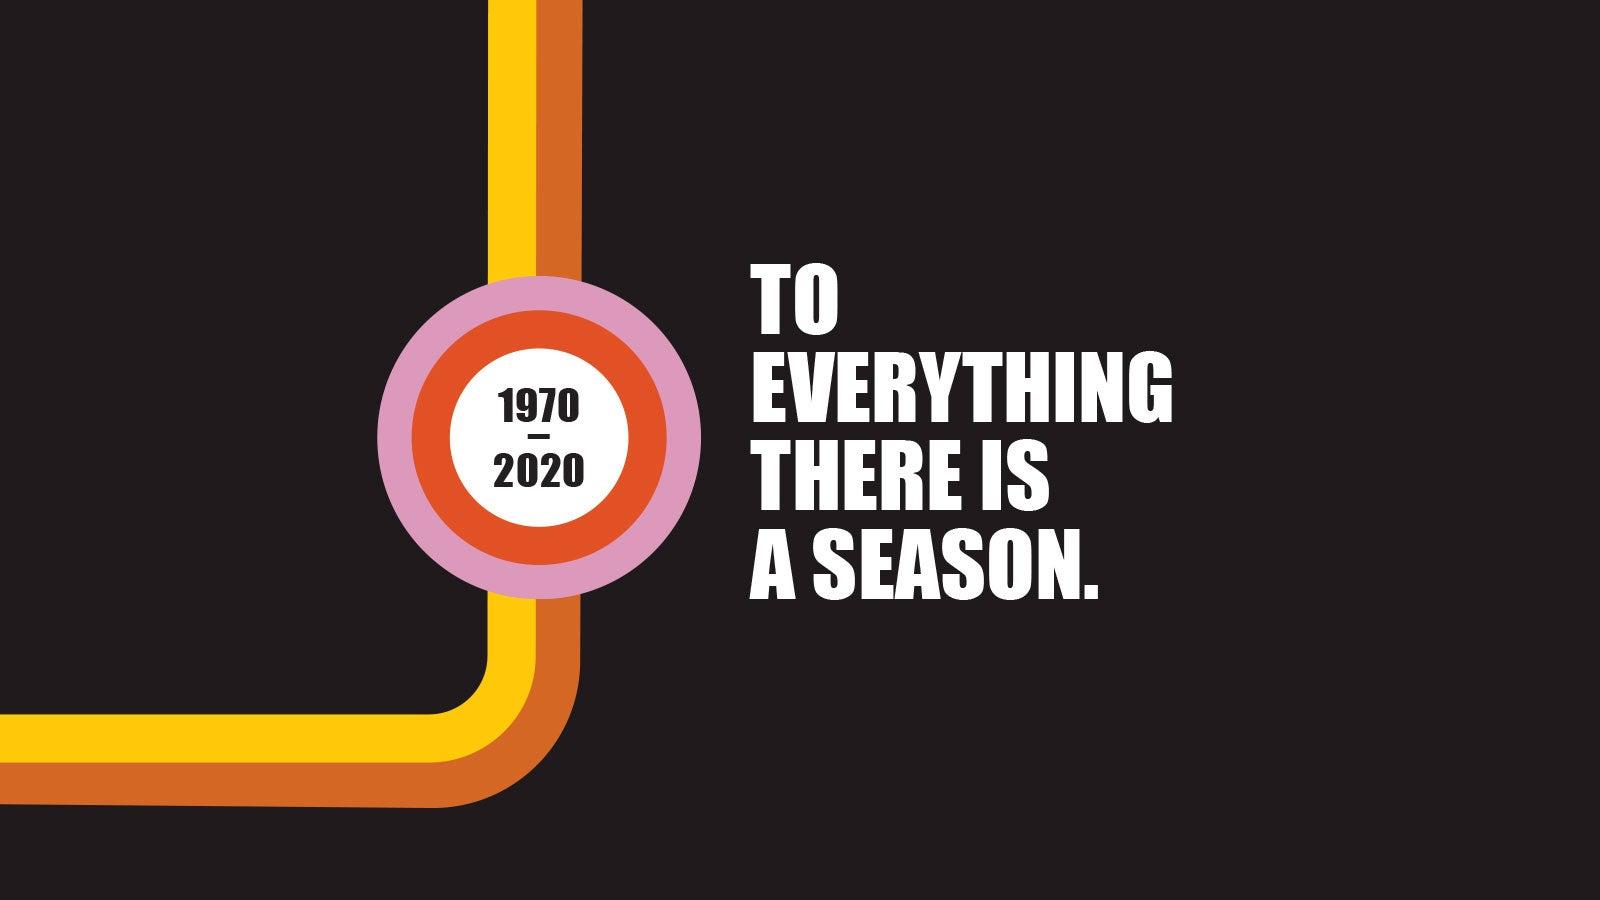 Still Turning: 1970 - 2020